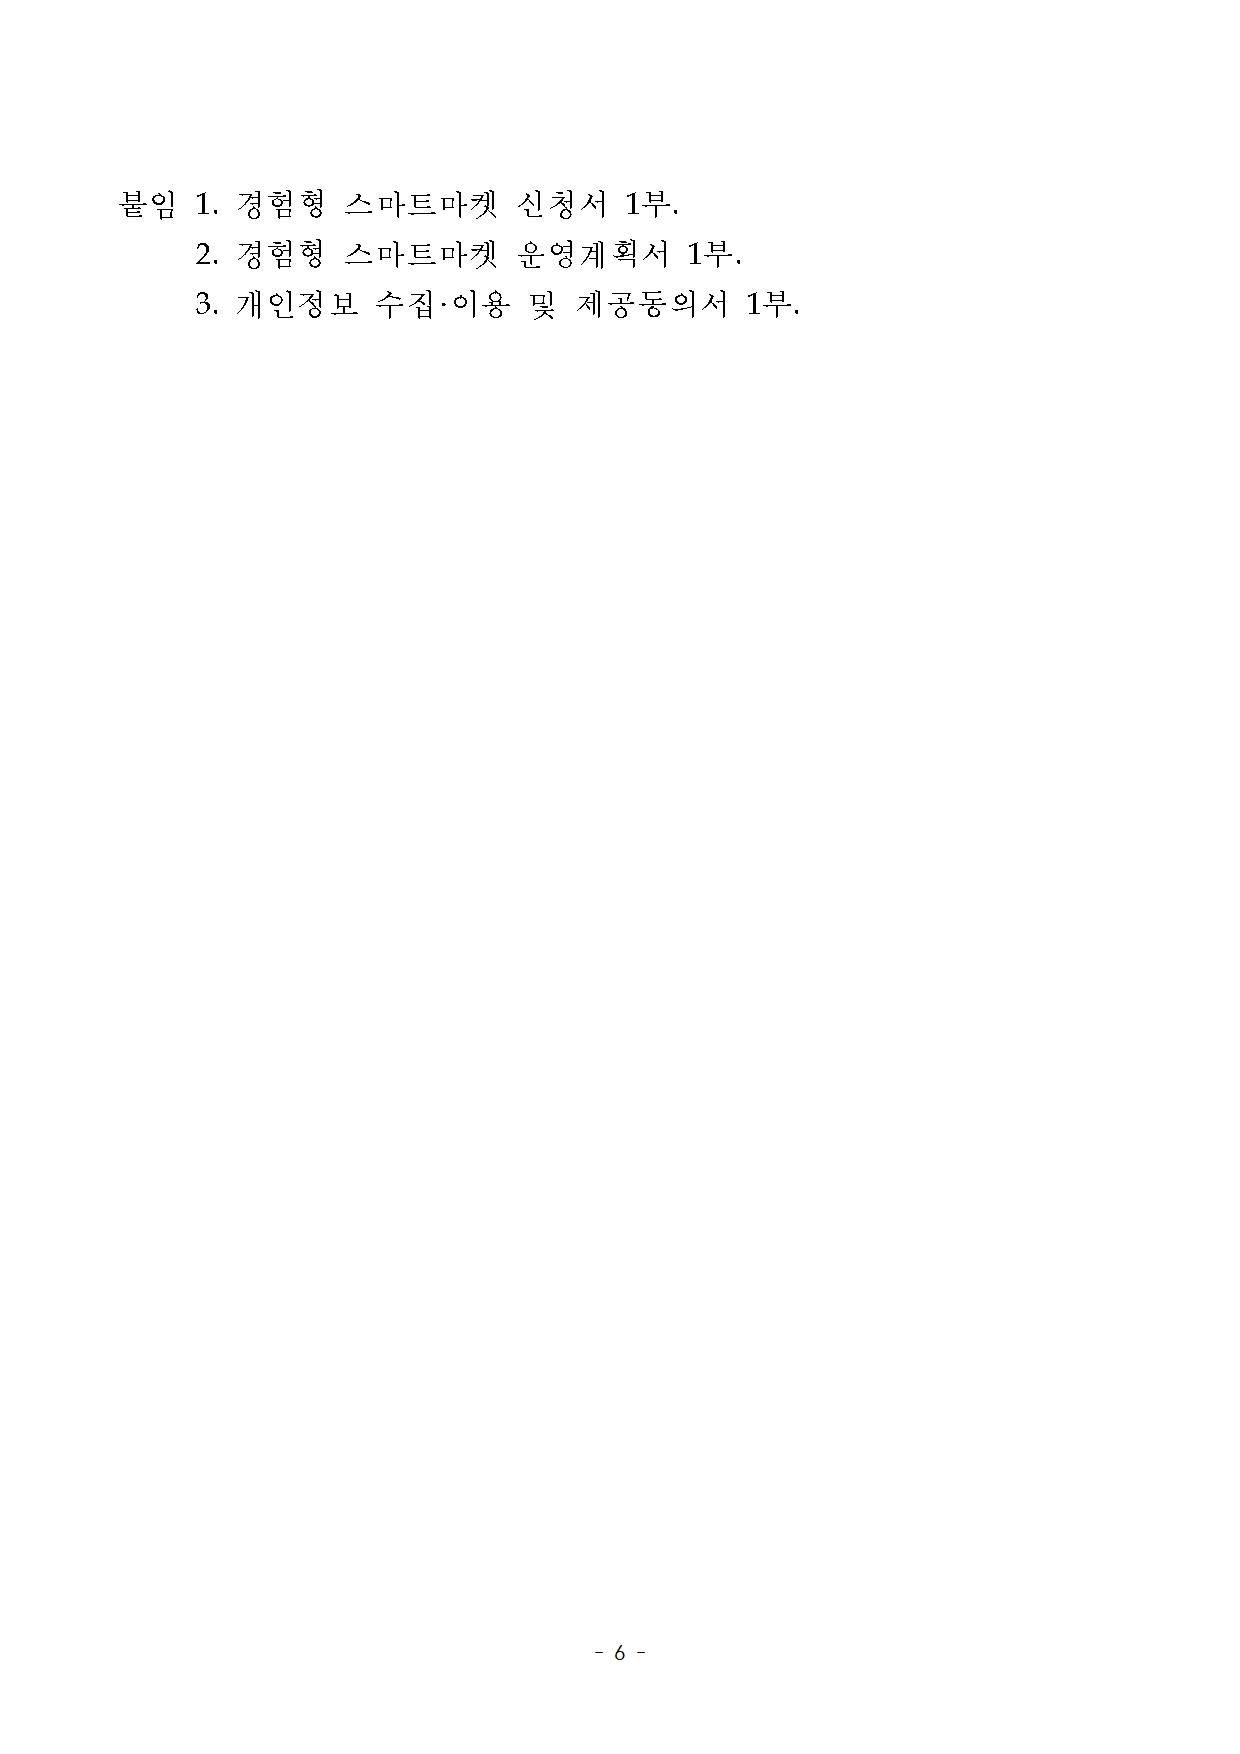 8e2d3c15-f0d9-4494-b034-bfa3bbfae8a0.hwp-0006.jpg